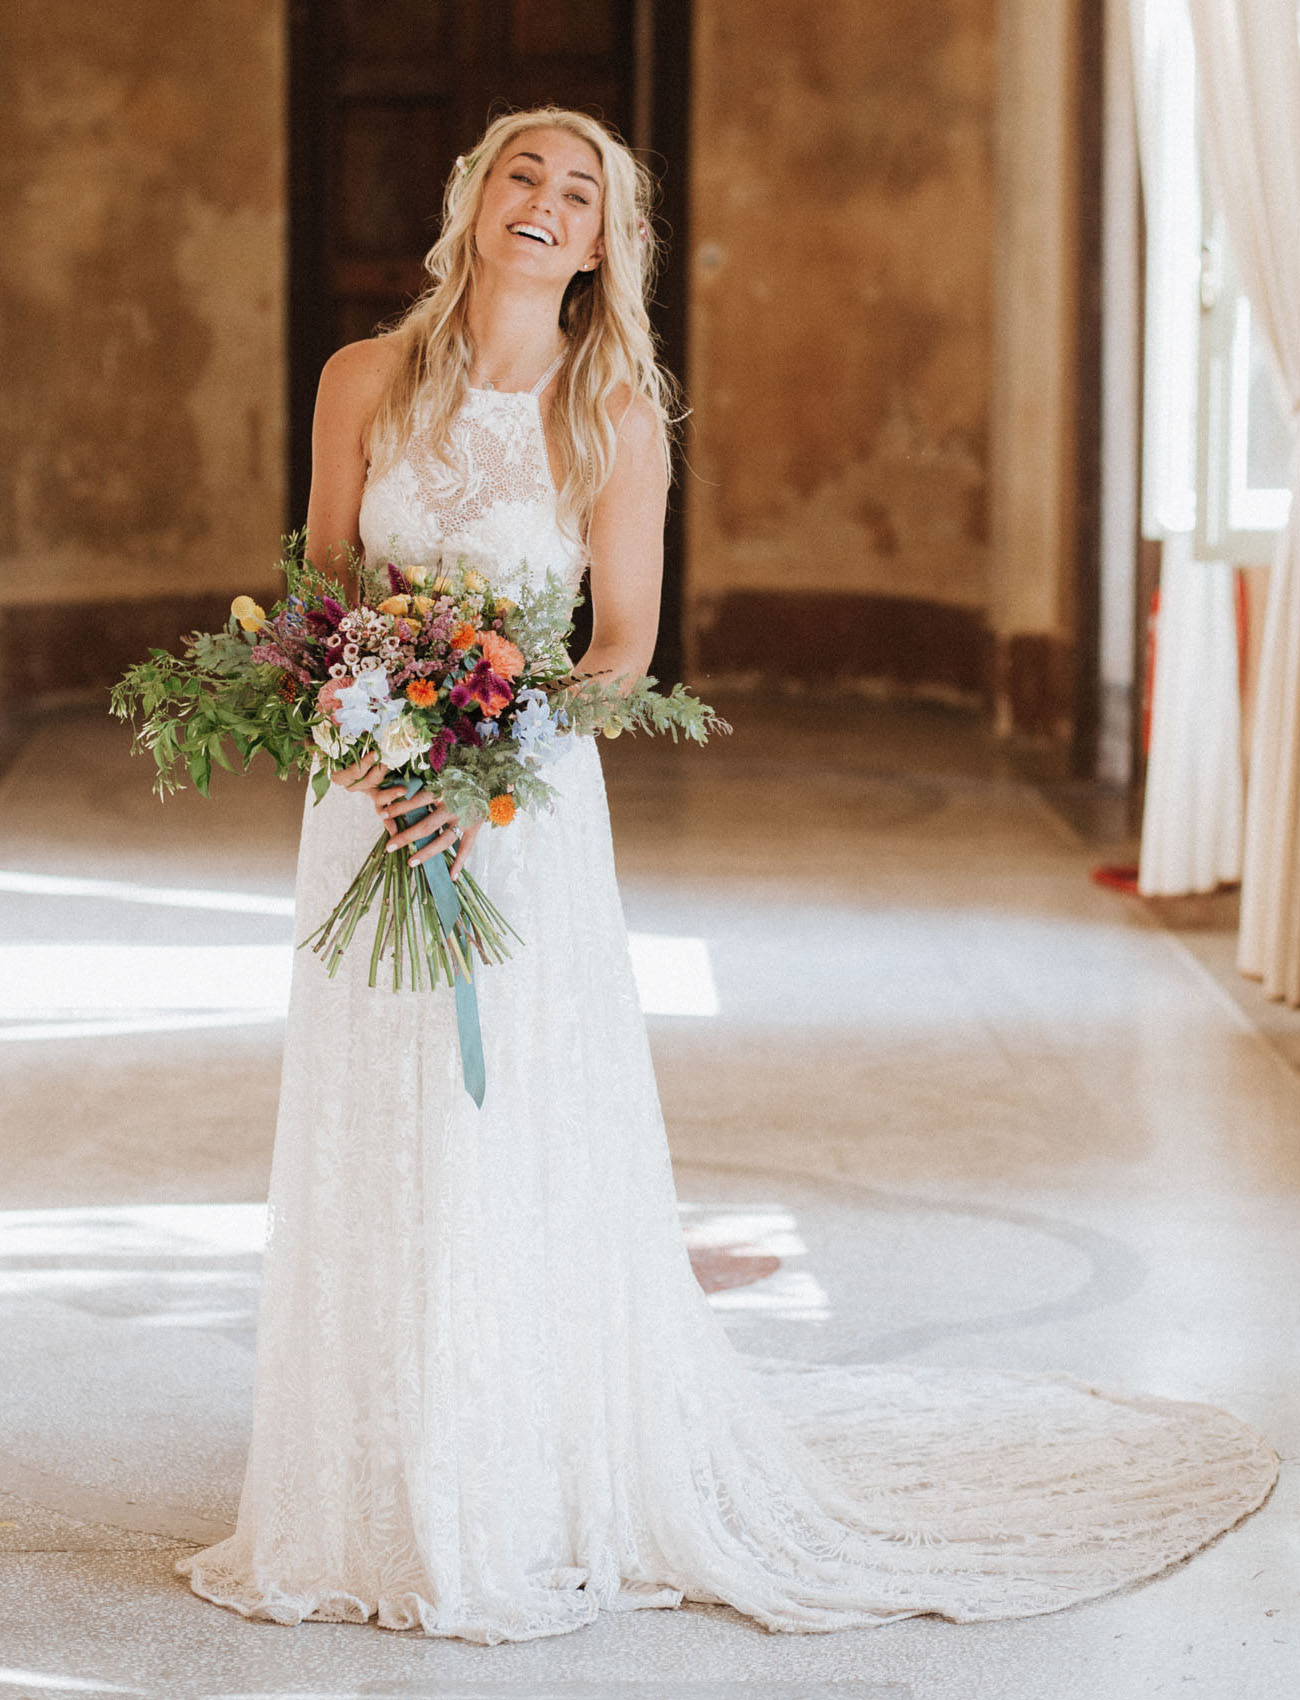 halter top wedding dress